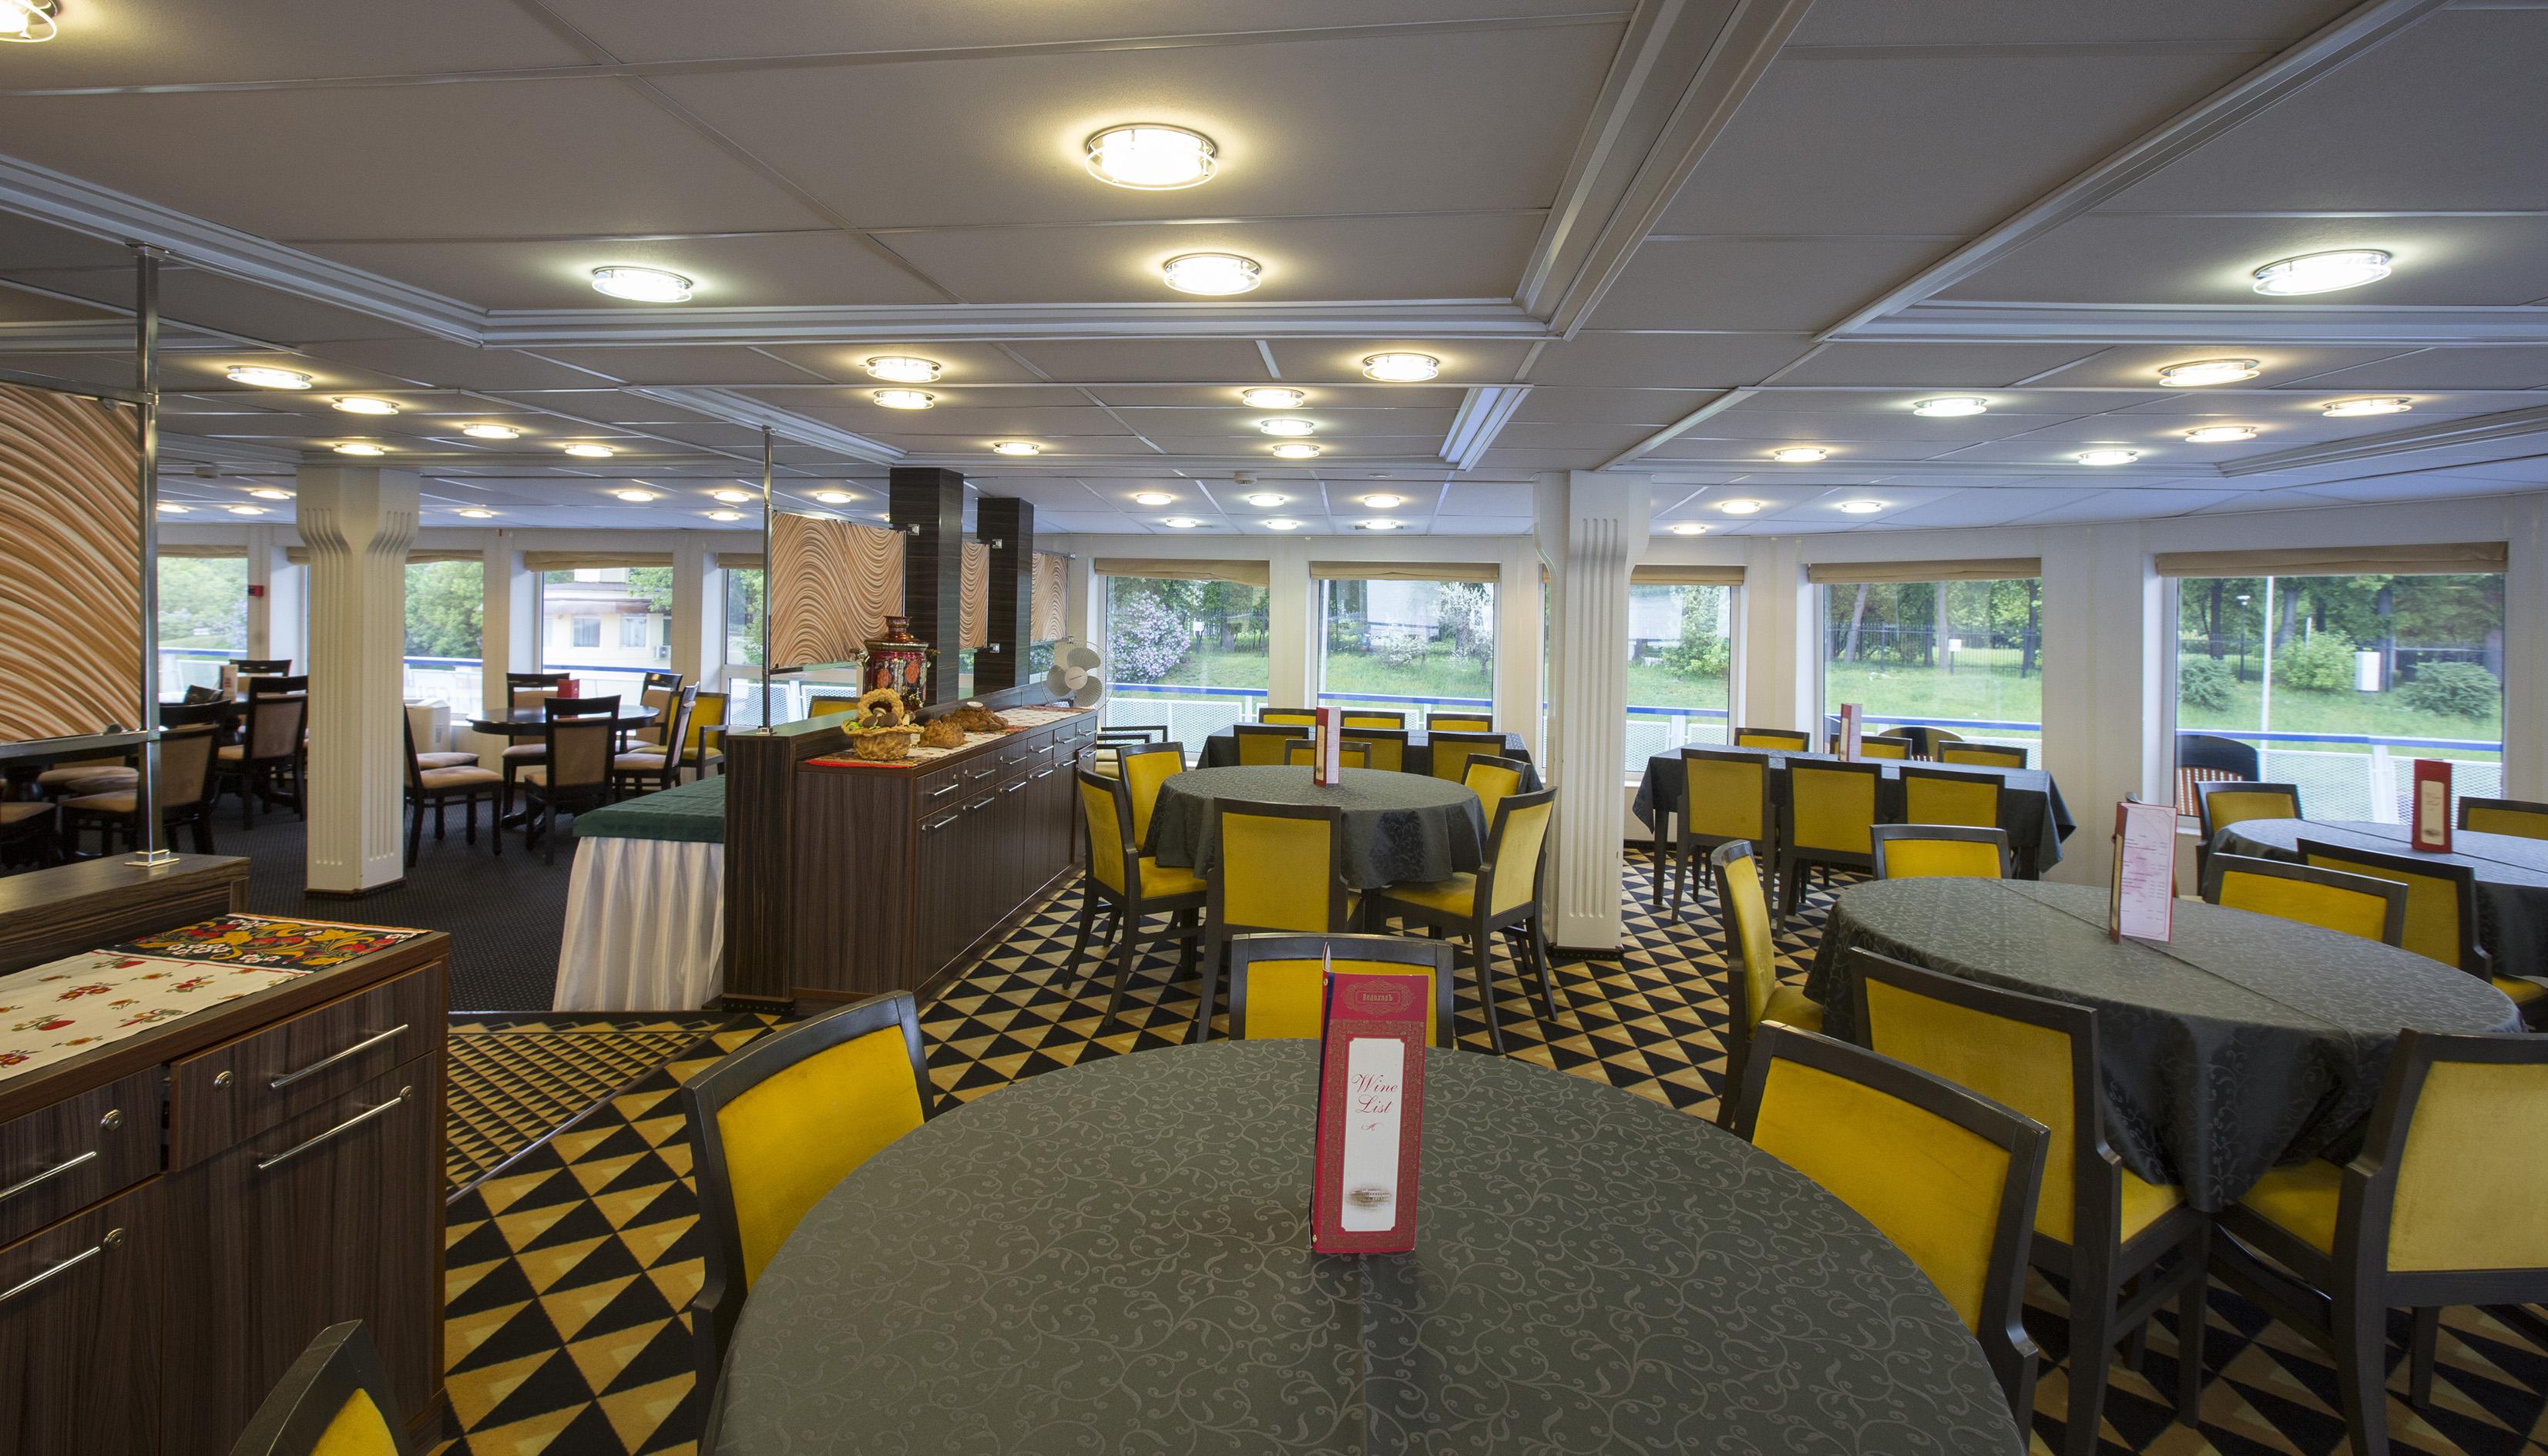 CroisiEurope Rostropovich Interior Bar Restaurant Symphony.jpg